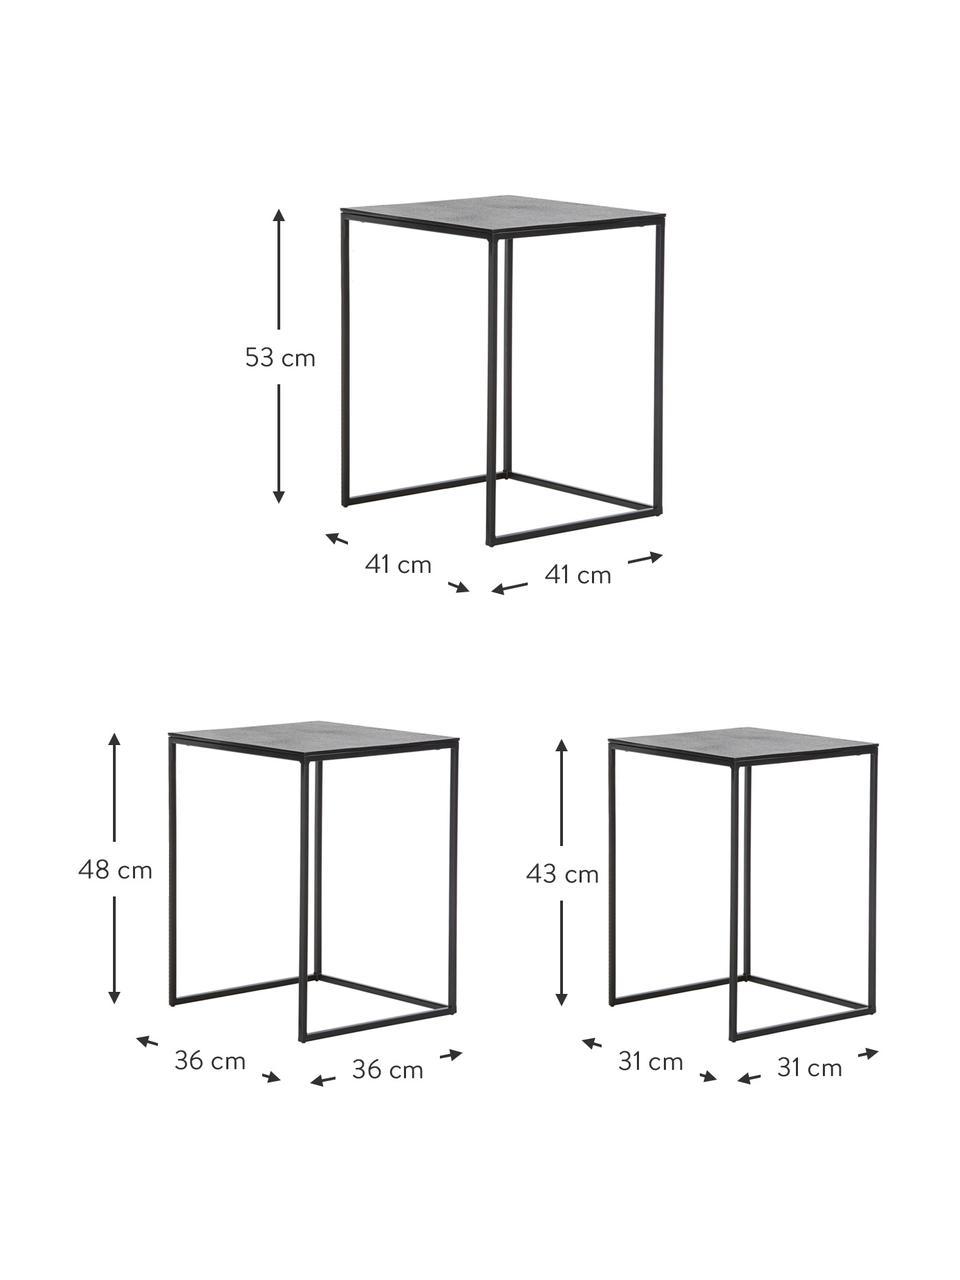 Metall Beistelltisch 3er-Set Dwayne, Schwarz mit Antik-Finish, Sondergrößen